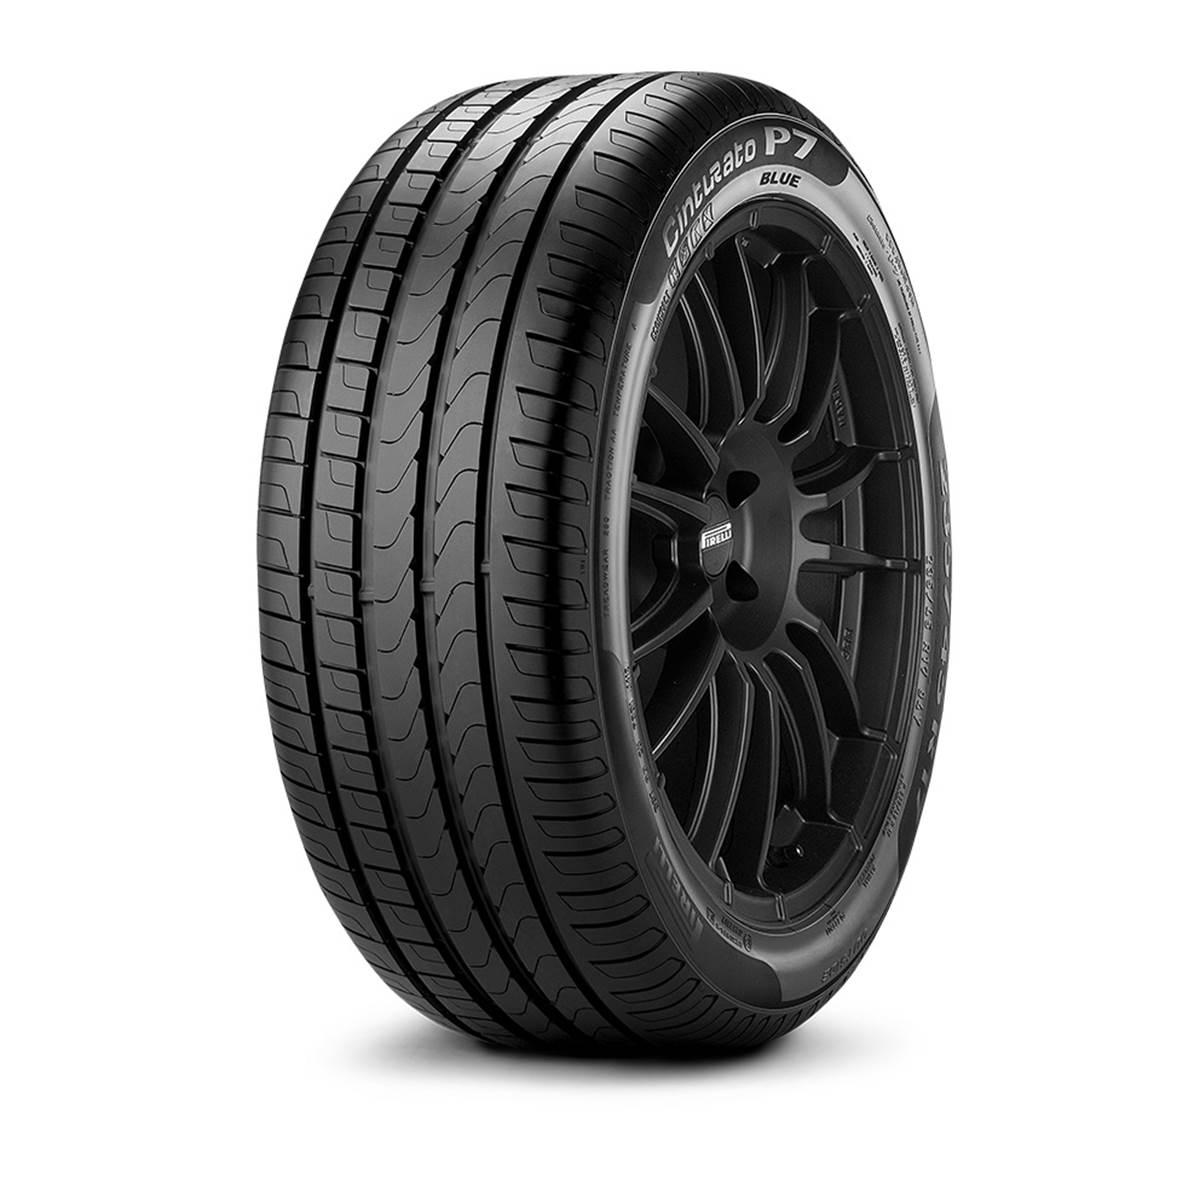 Pneu Pirelli 235/40R18 95Y Cinturato P7 Blue XL